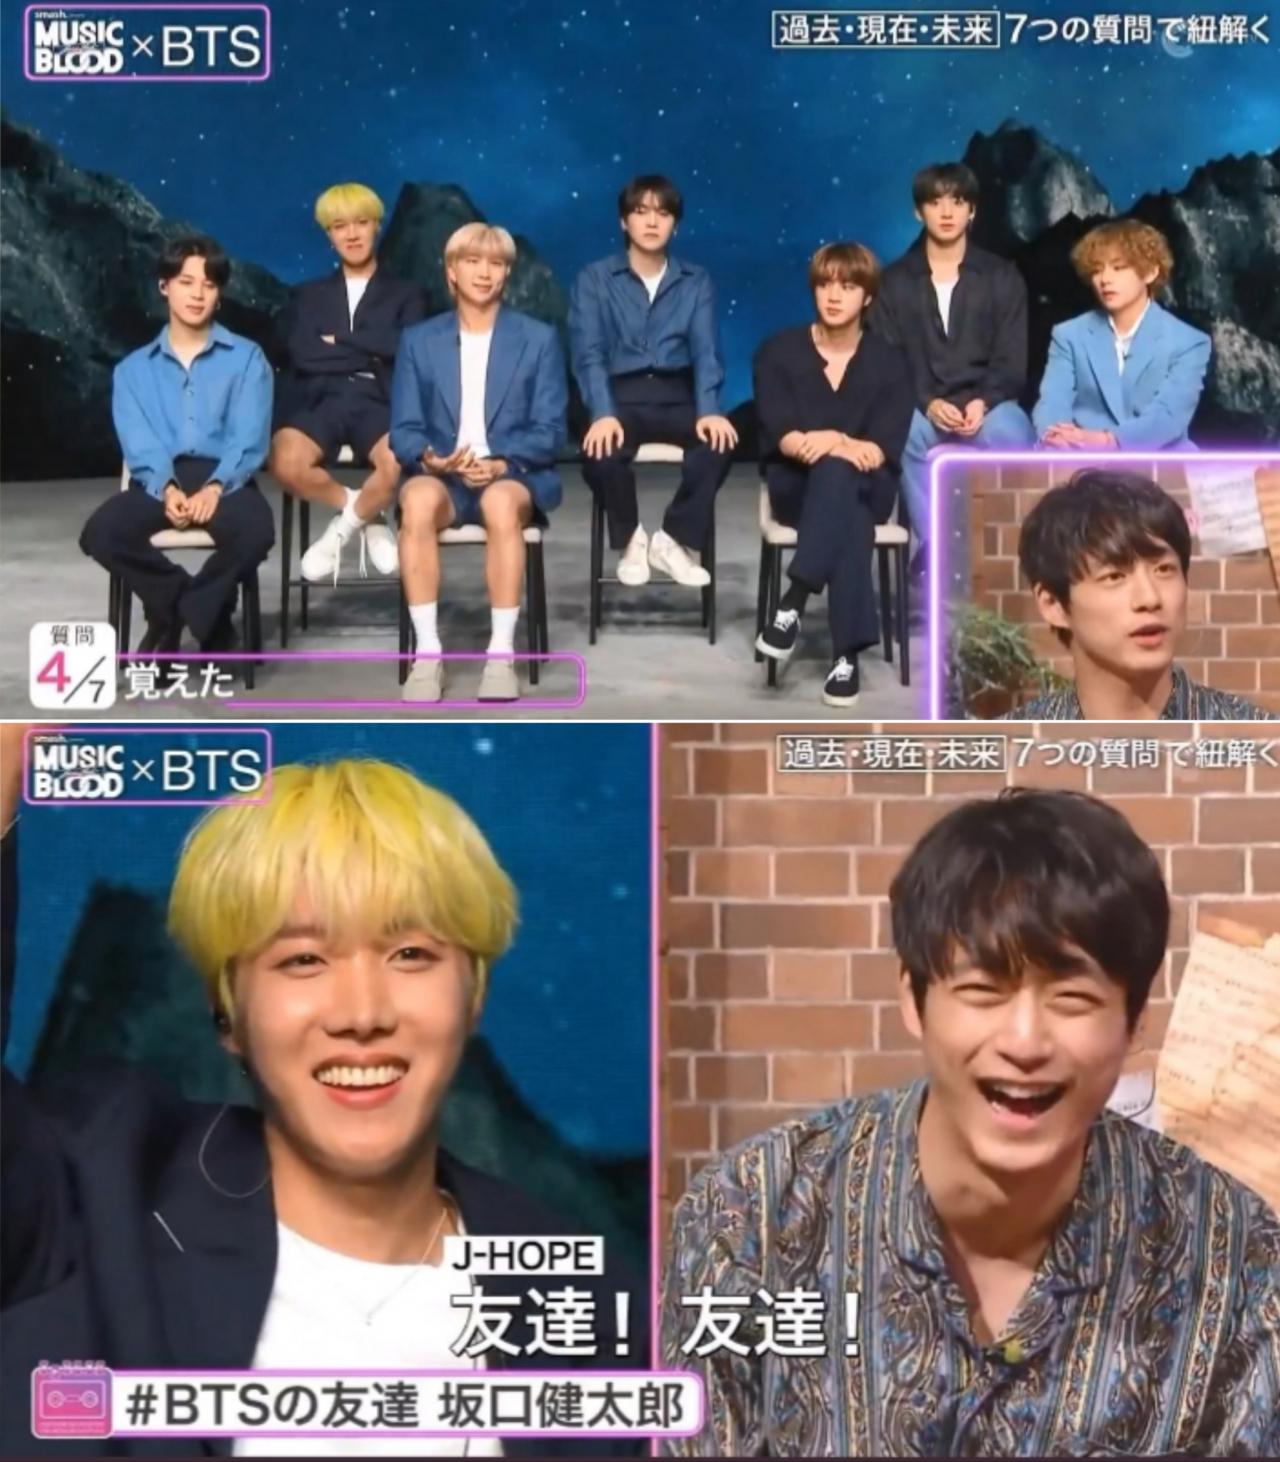 Entrevista con BTS en Music Blood